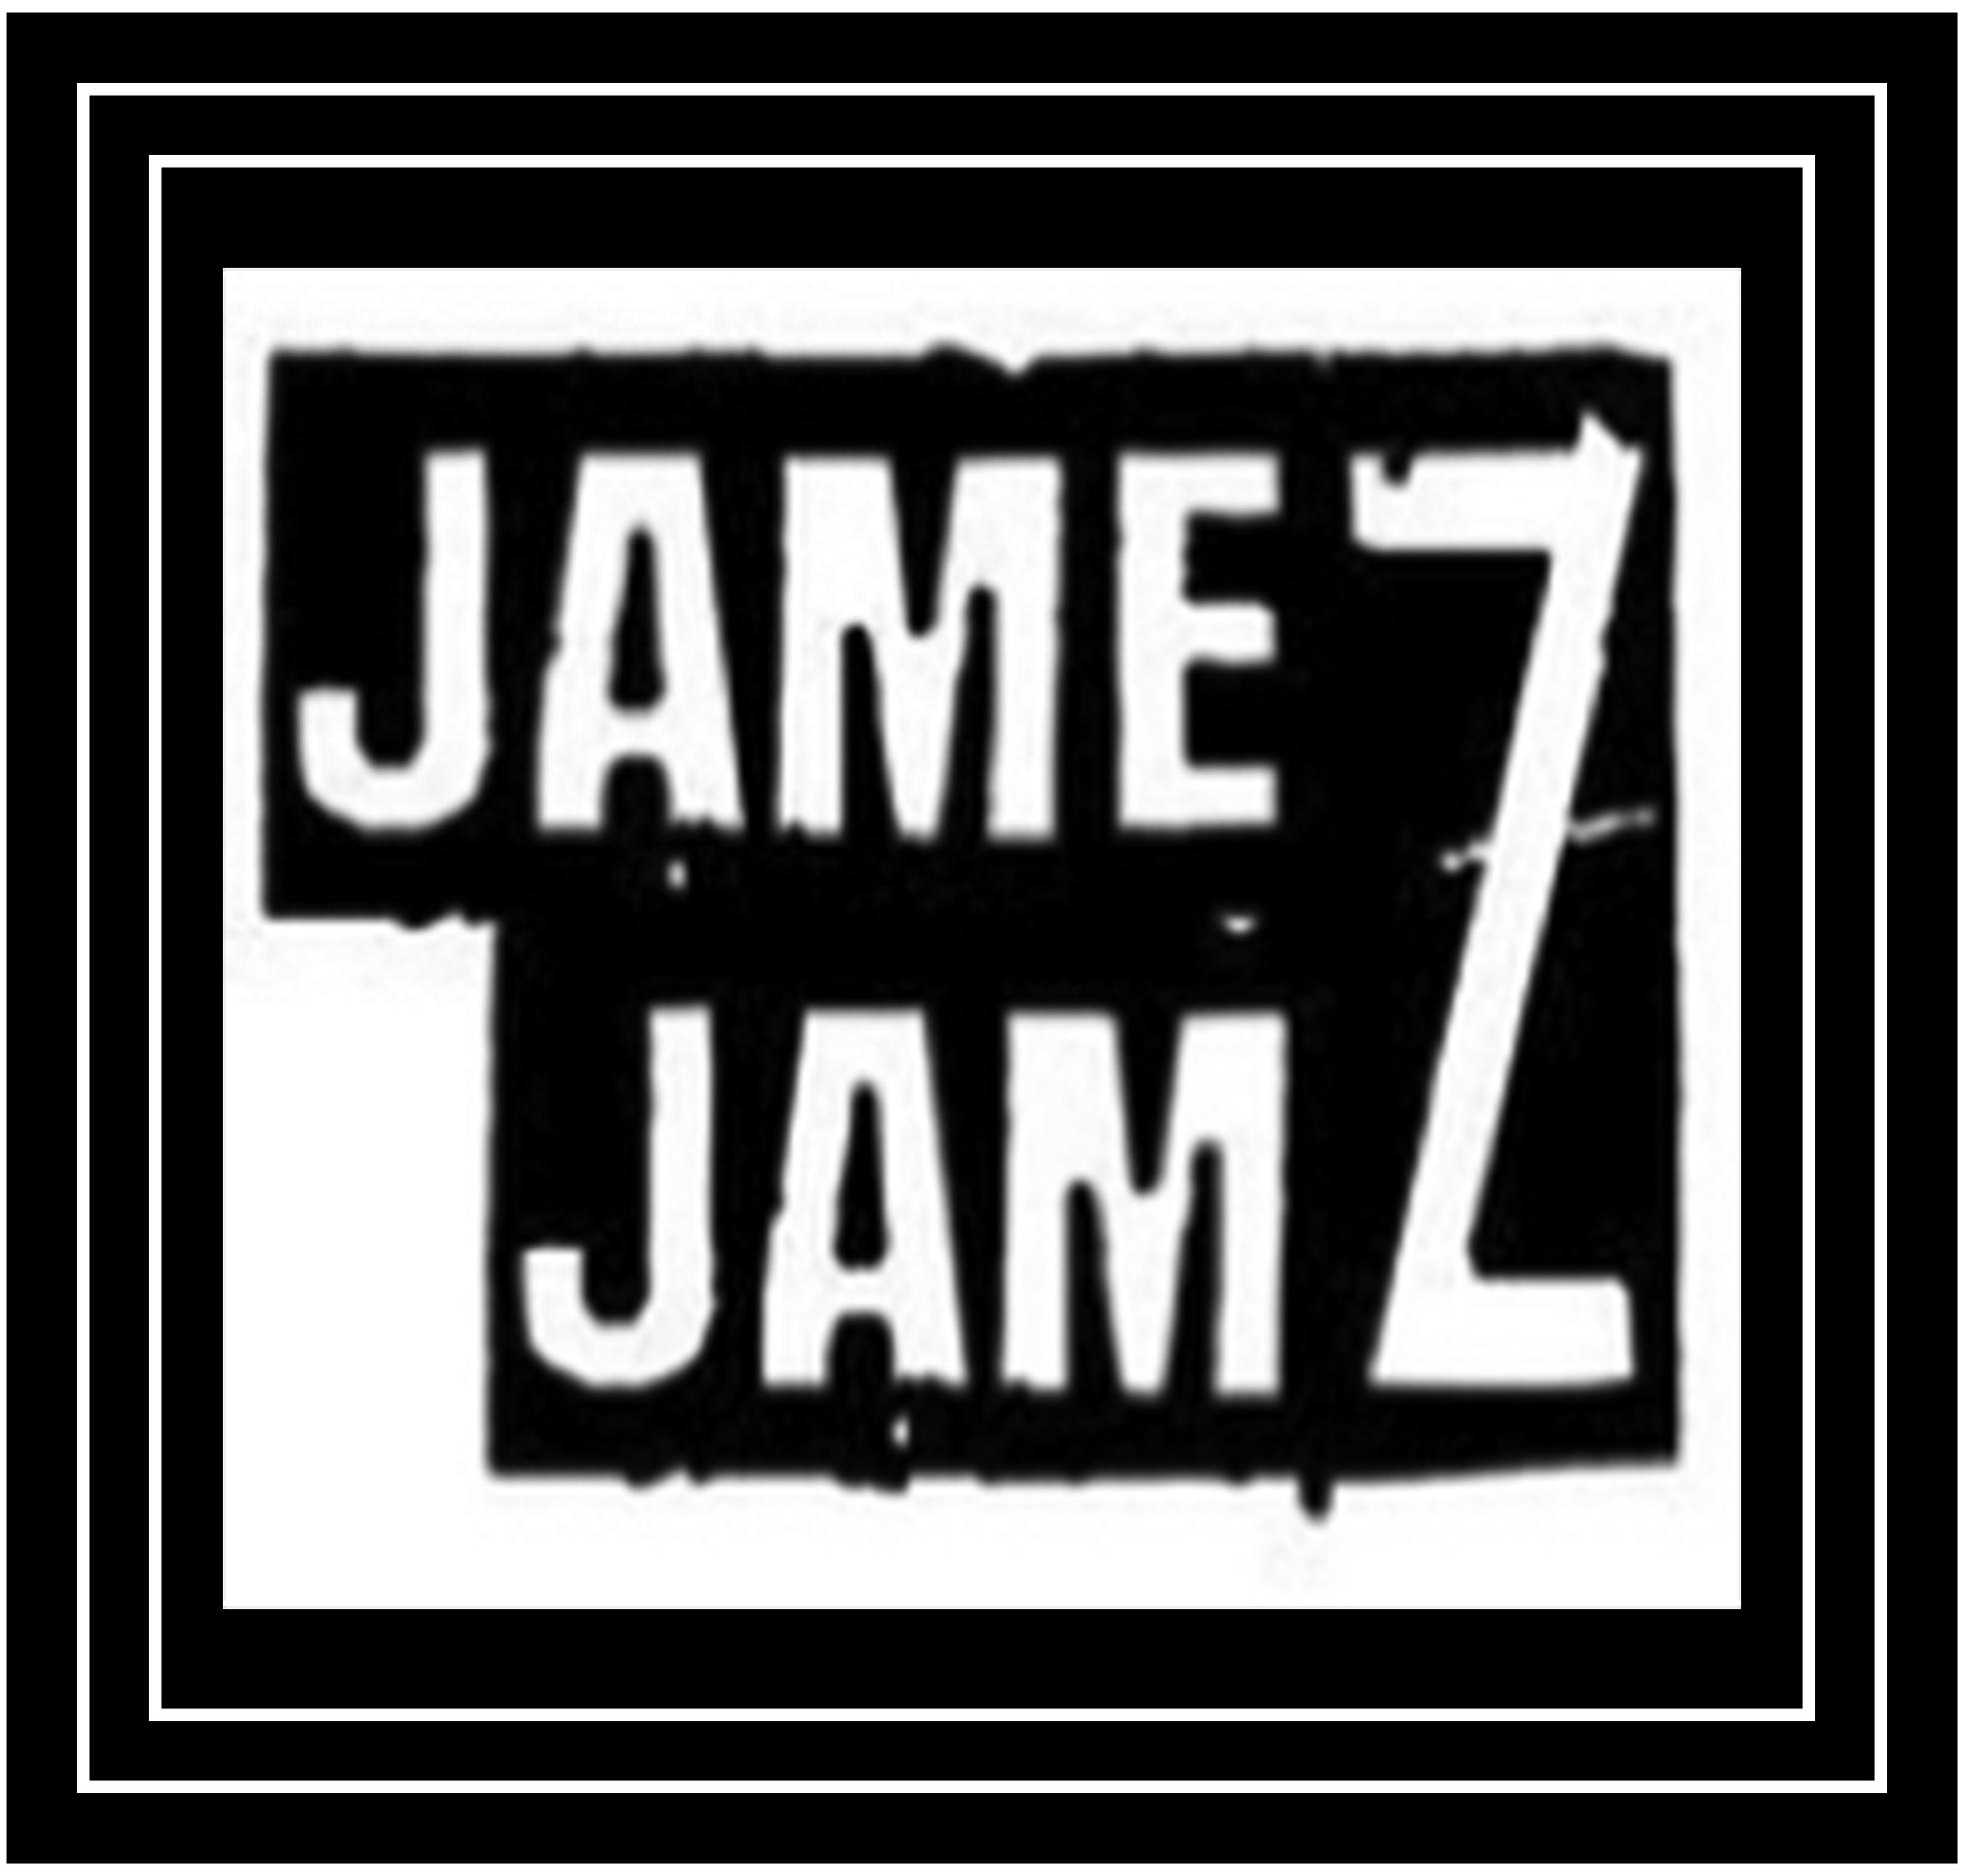 Jamez Jamz